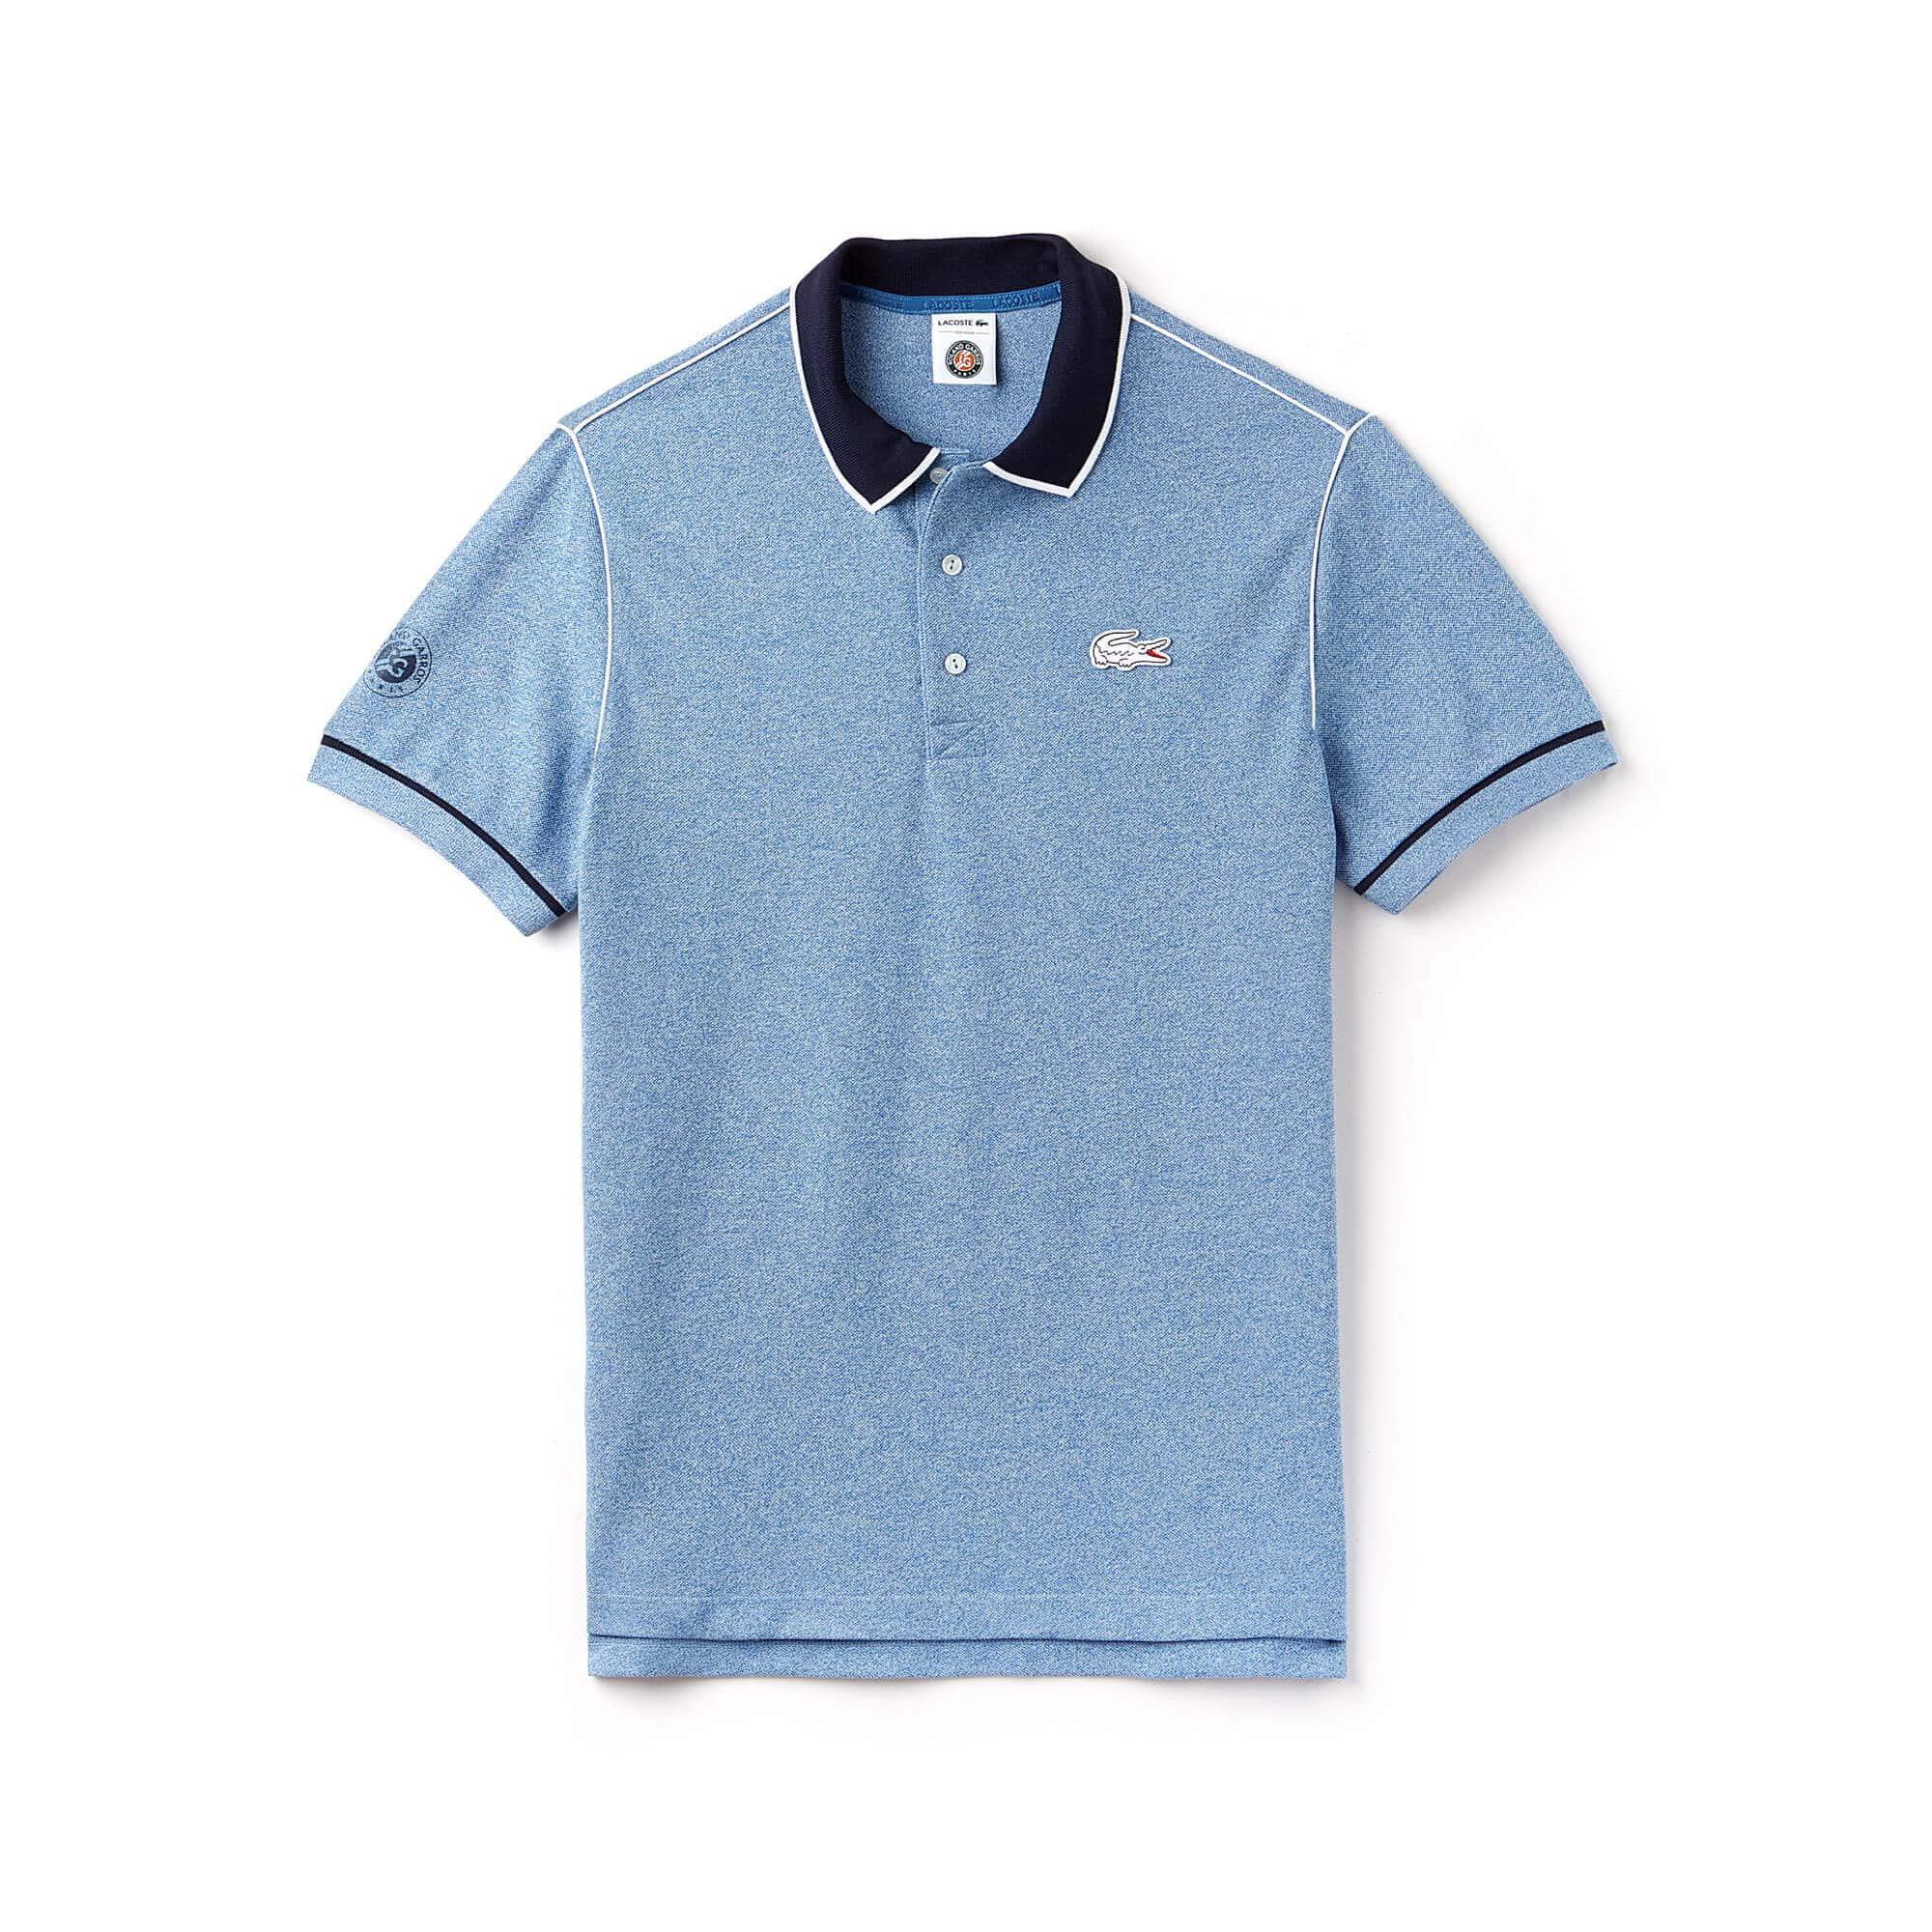 10b08c5d7ed55 ... Polo Lacoste SPORT de mini piqué con cordoncillo Edición Roland Garros